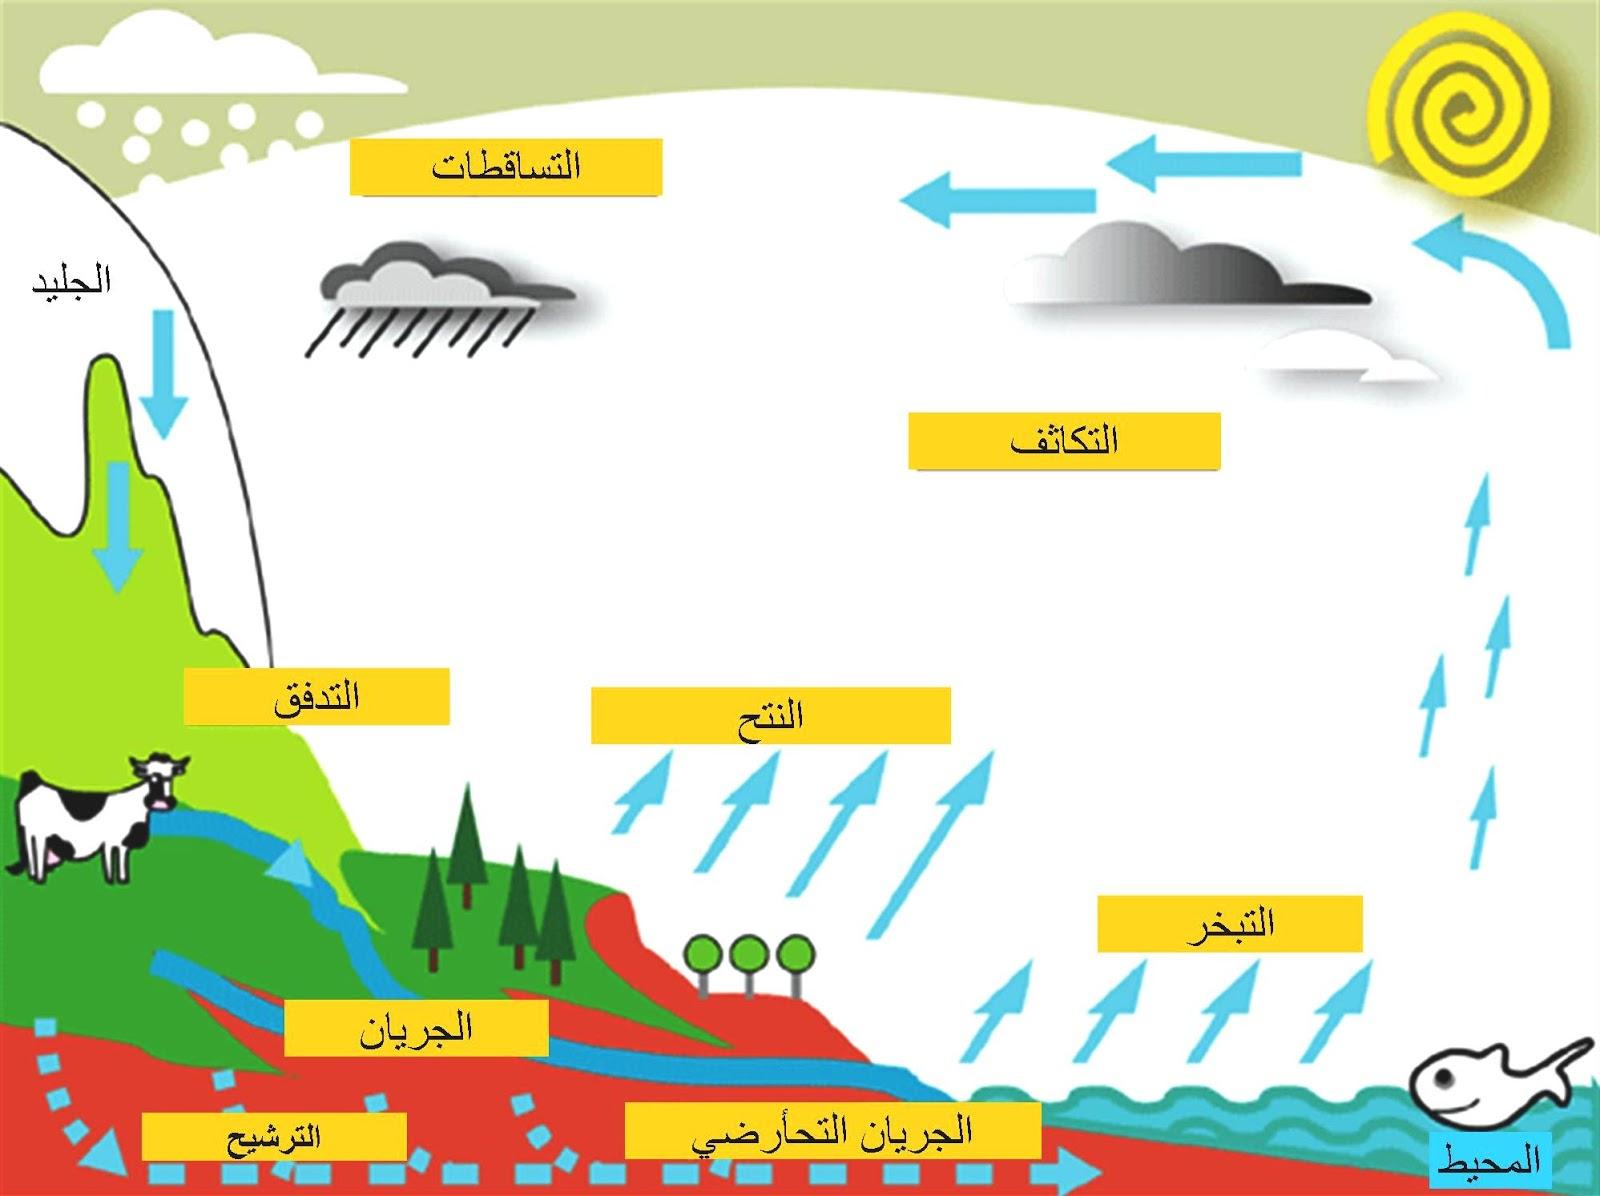 الدورات الطبيعية في البيئة المرسال